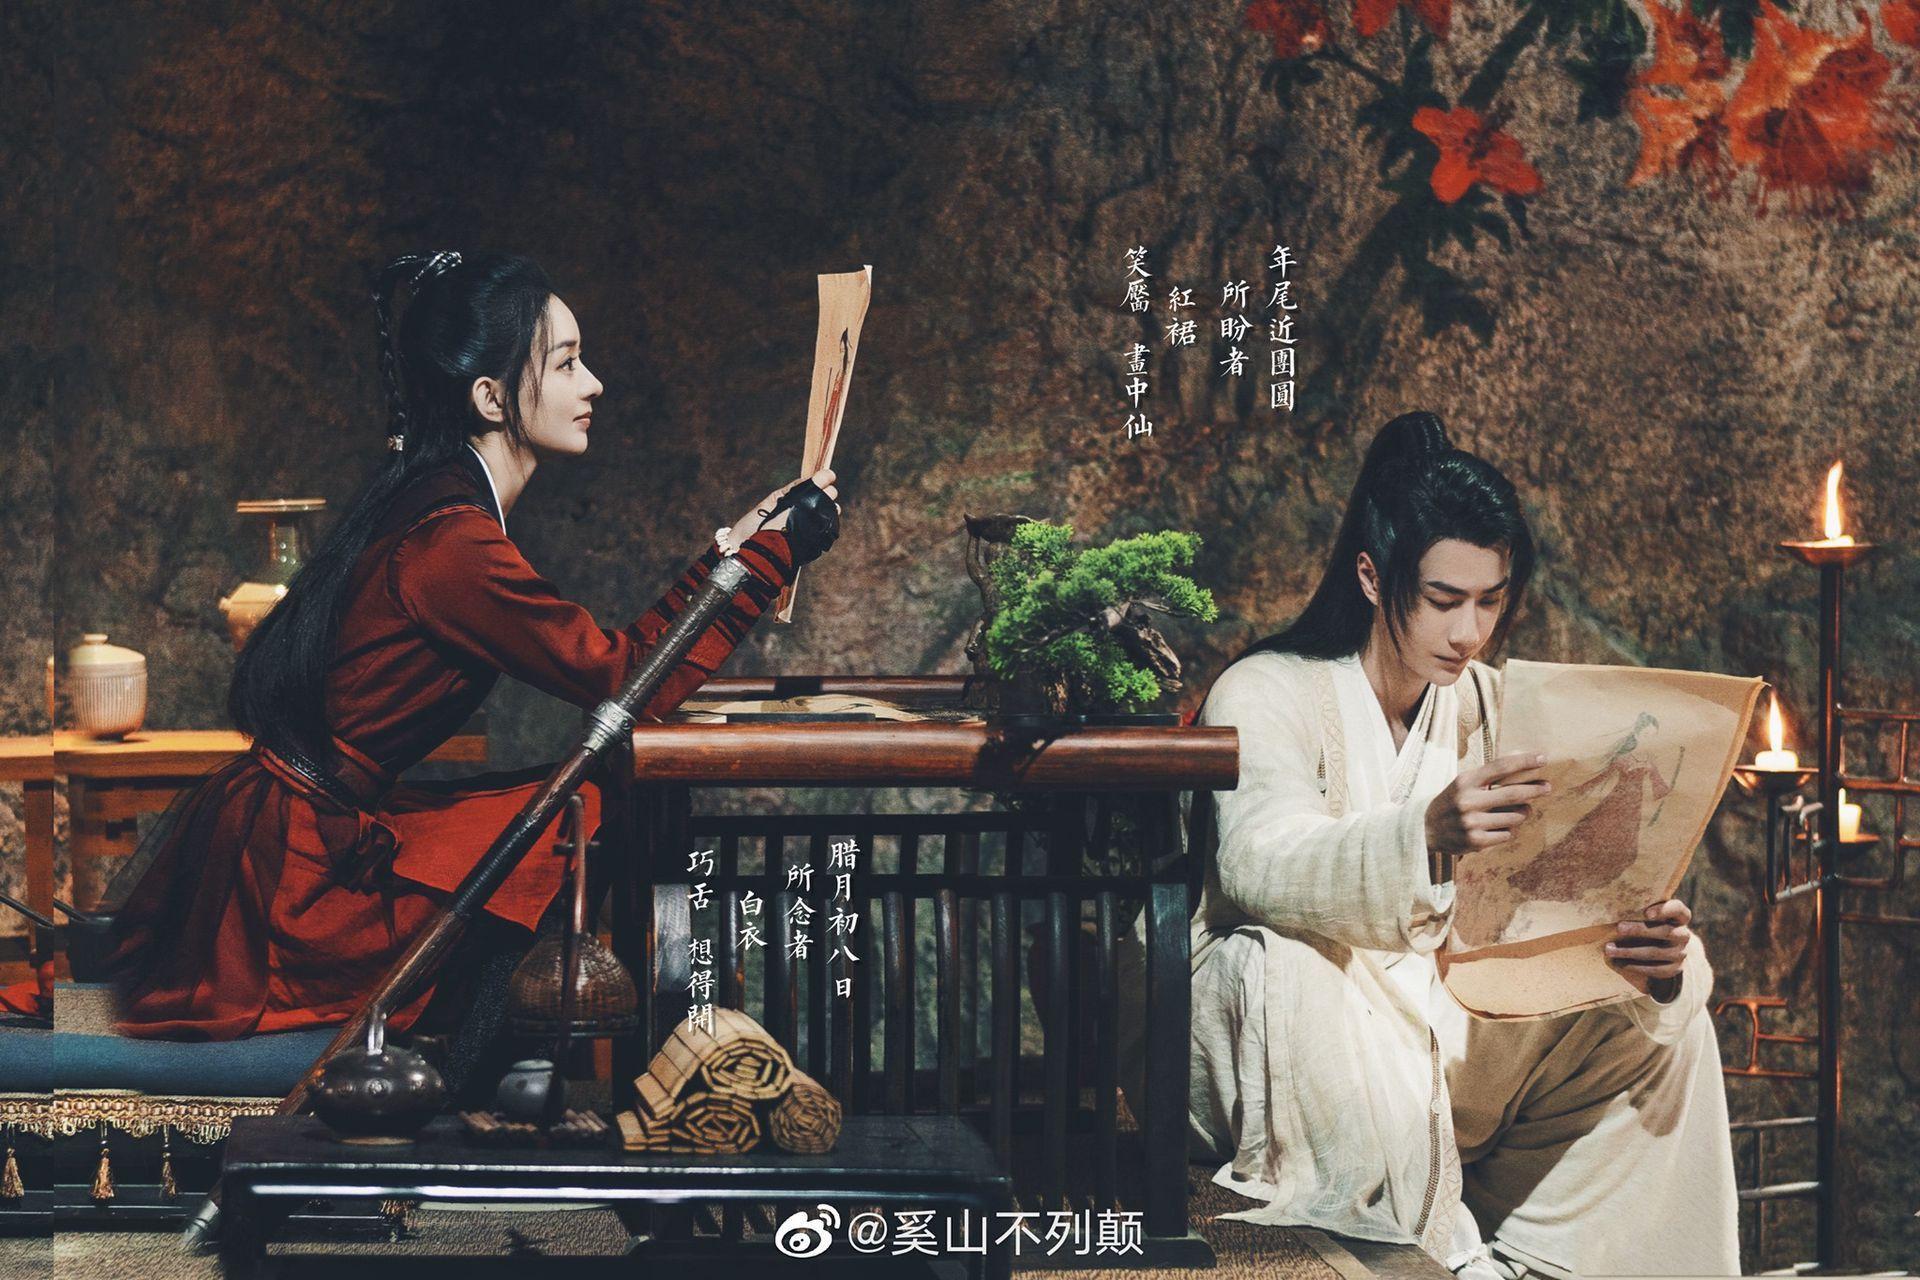 Top 5 phim Hoa ngữ có lượt xem khủng nhất toàn cầu nửa đầu 2021 trên Tencent 2